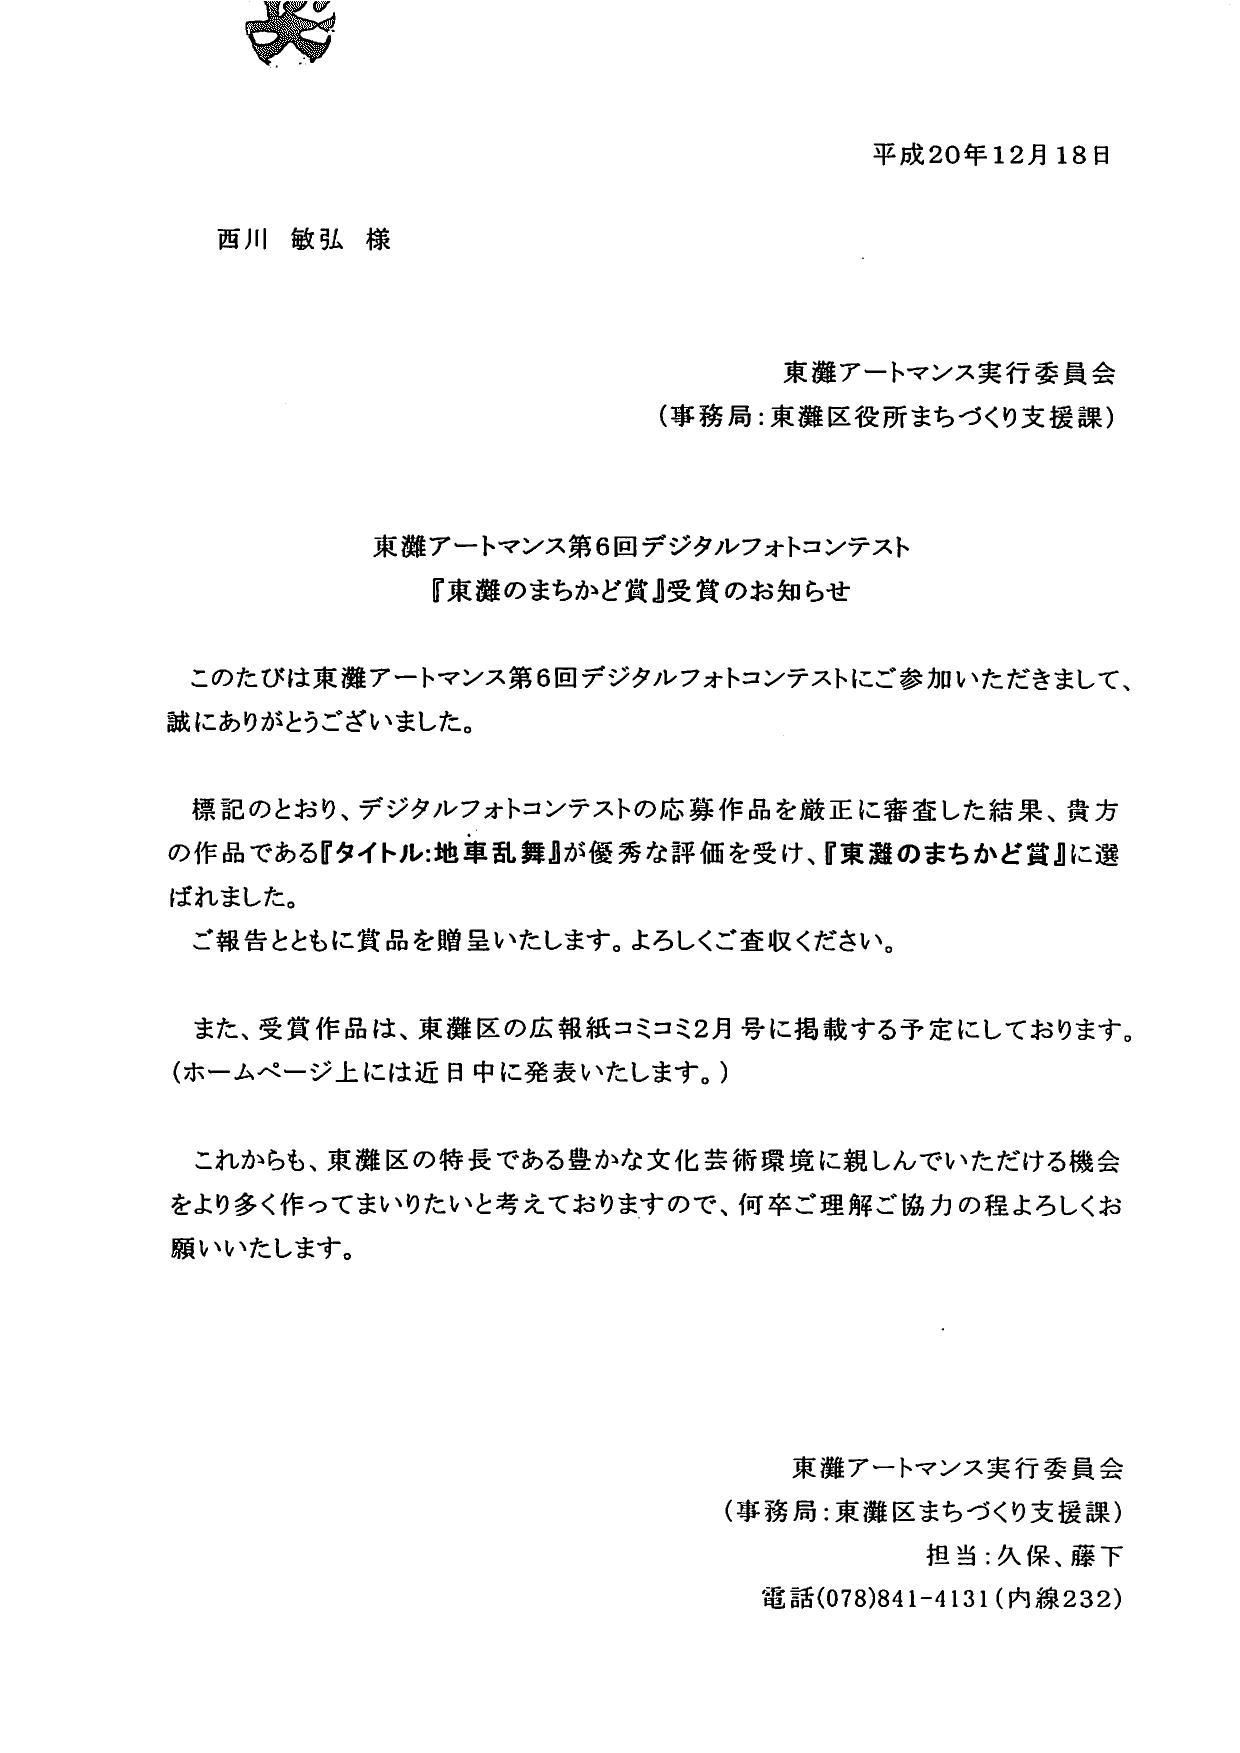 東灘アートマンス第6回デジタルフォトコンテスト 「東灘のまちかど賞」受賞_a0288226_23233019.jpg